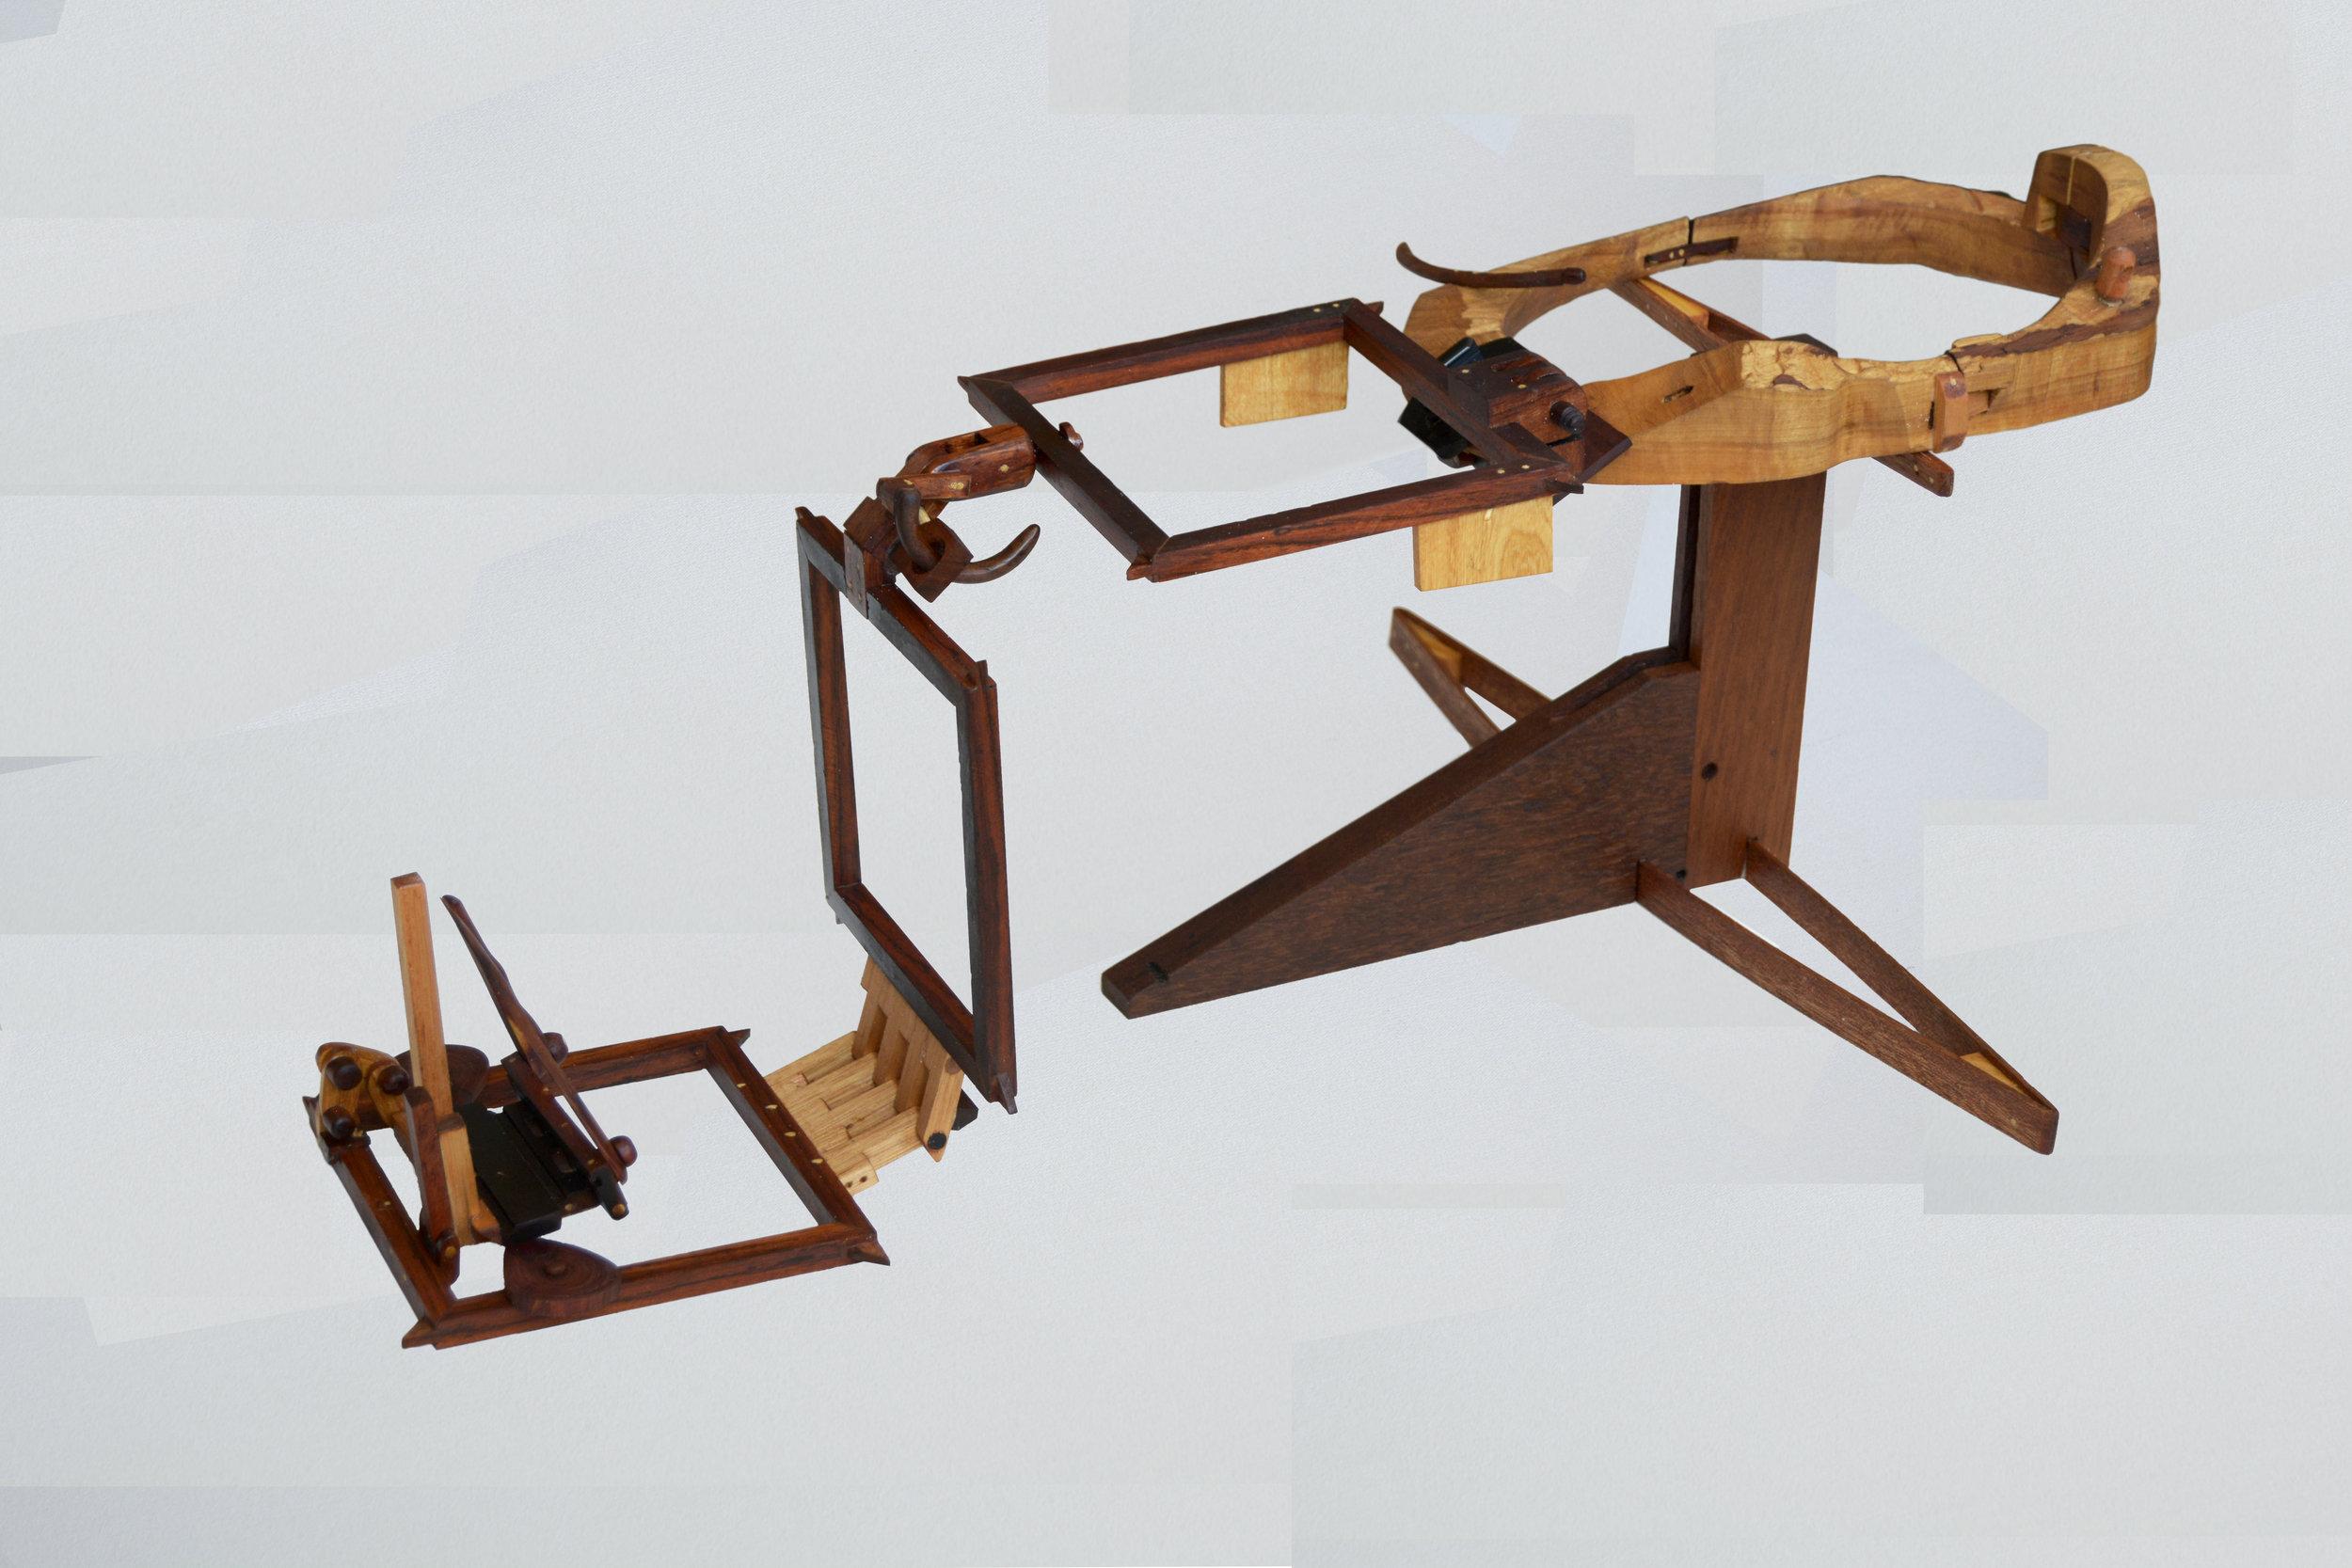 Millennials' Handbook - Allen Laing Artist Wood Sculpture.jpg